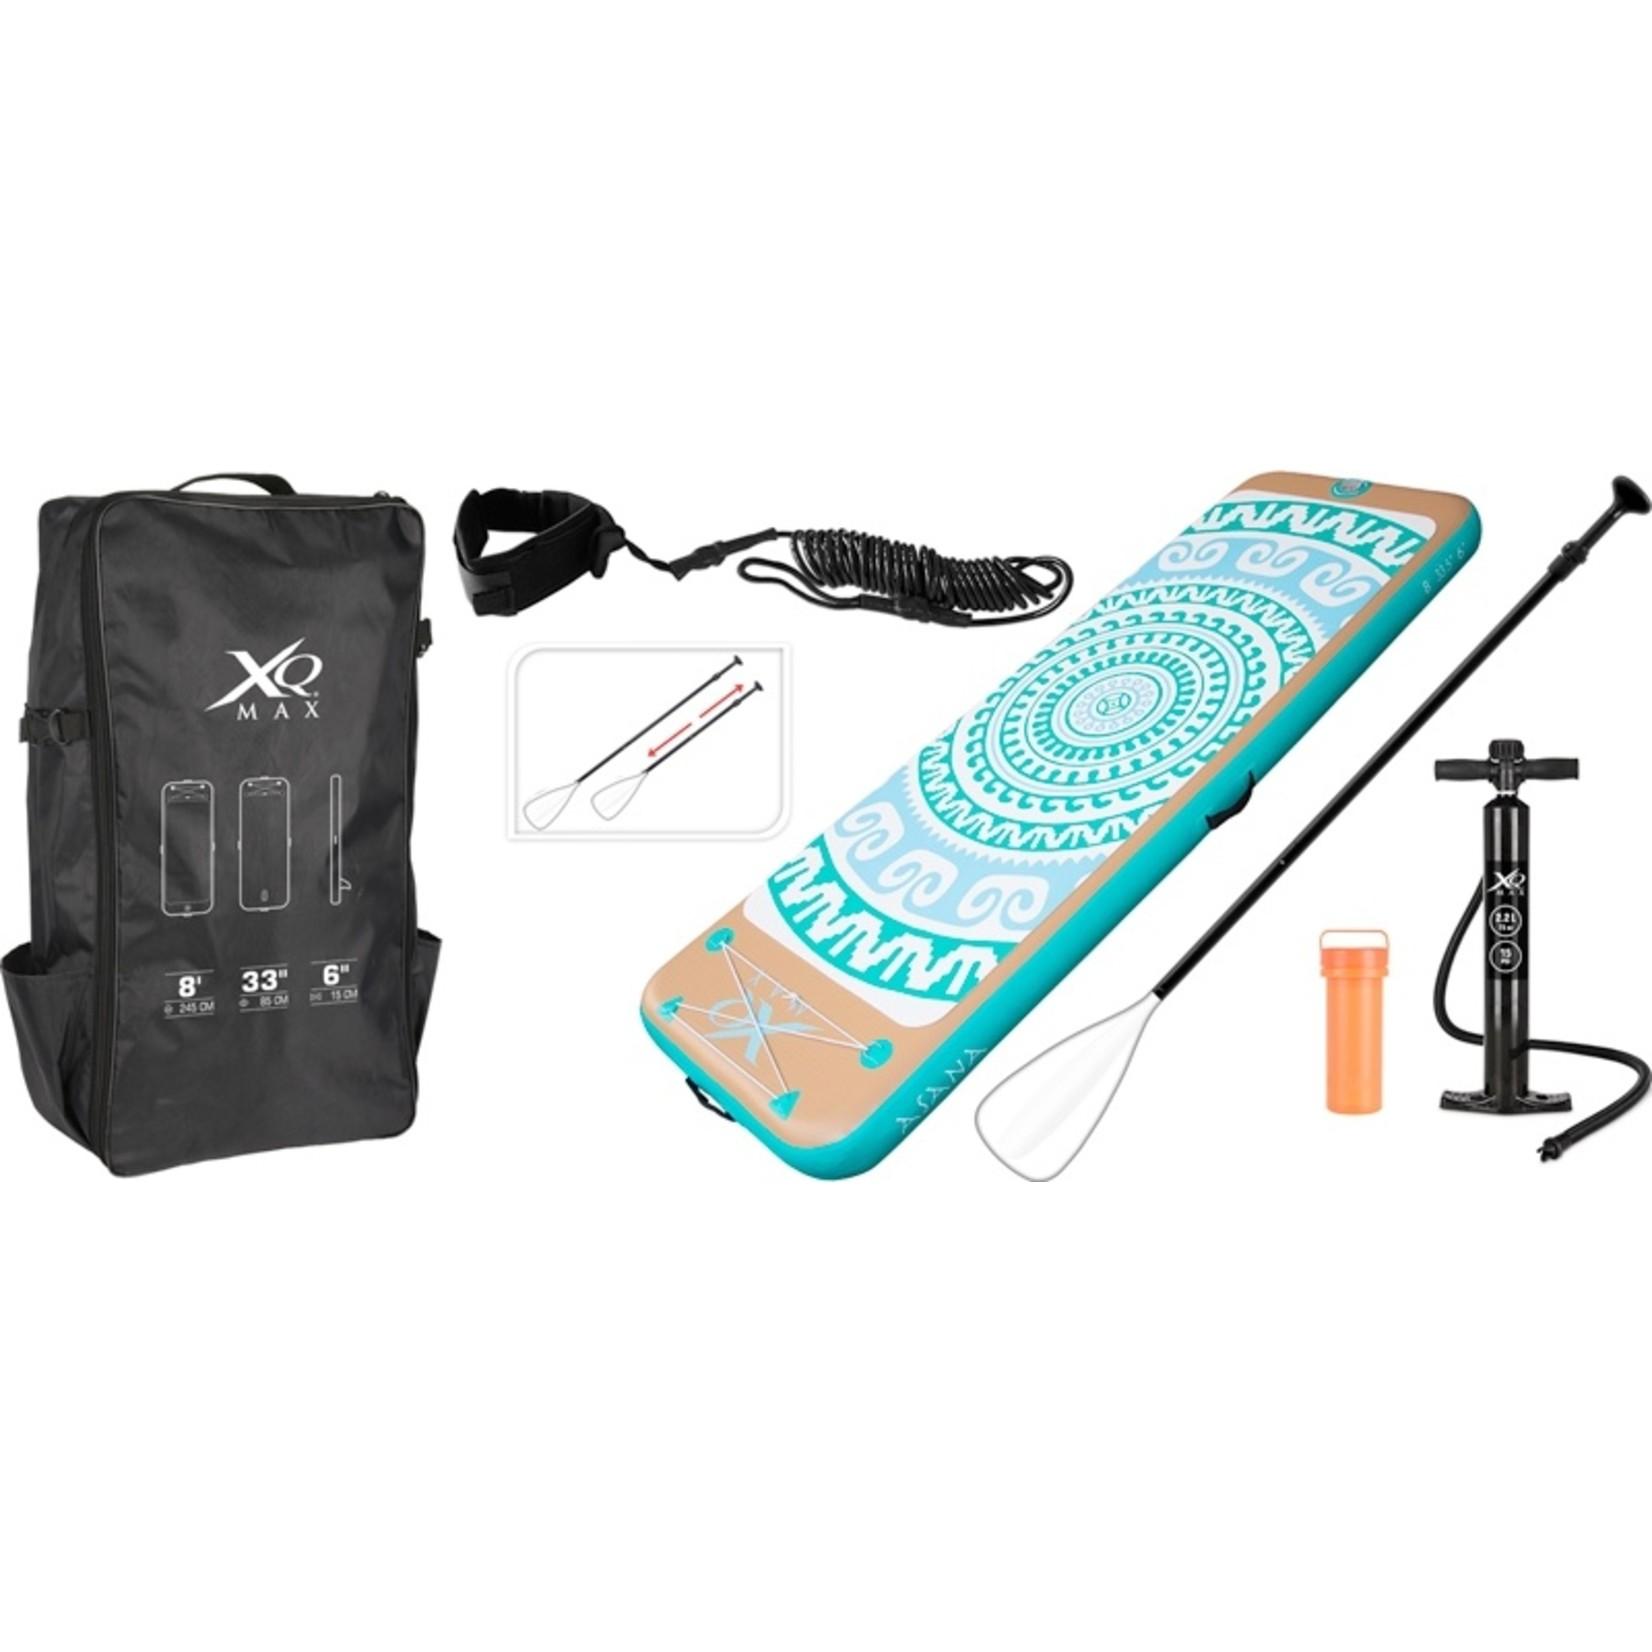 XQ Max Yoga Supboard - opblaasbaar - 245x85x15 cm